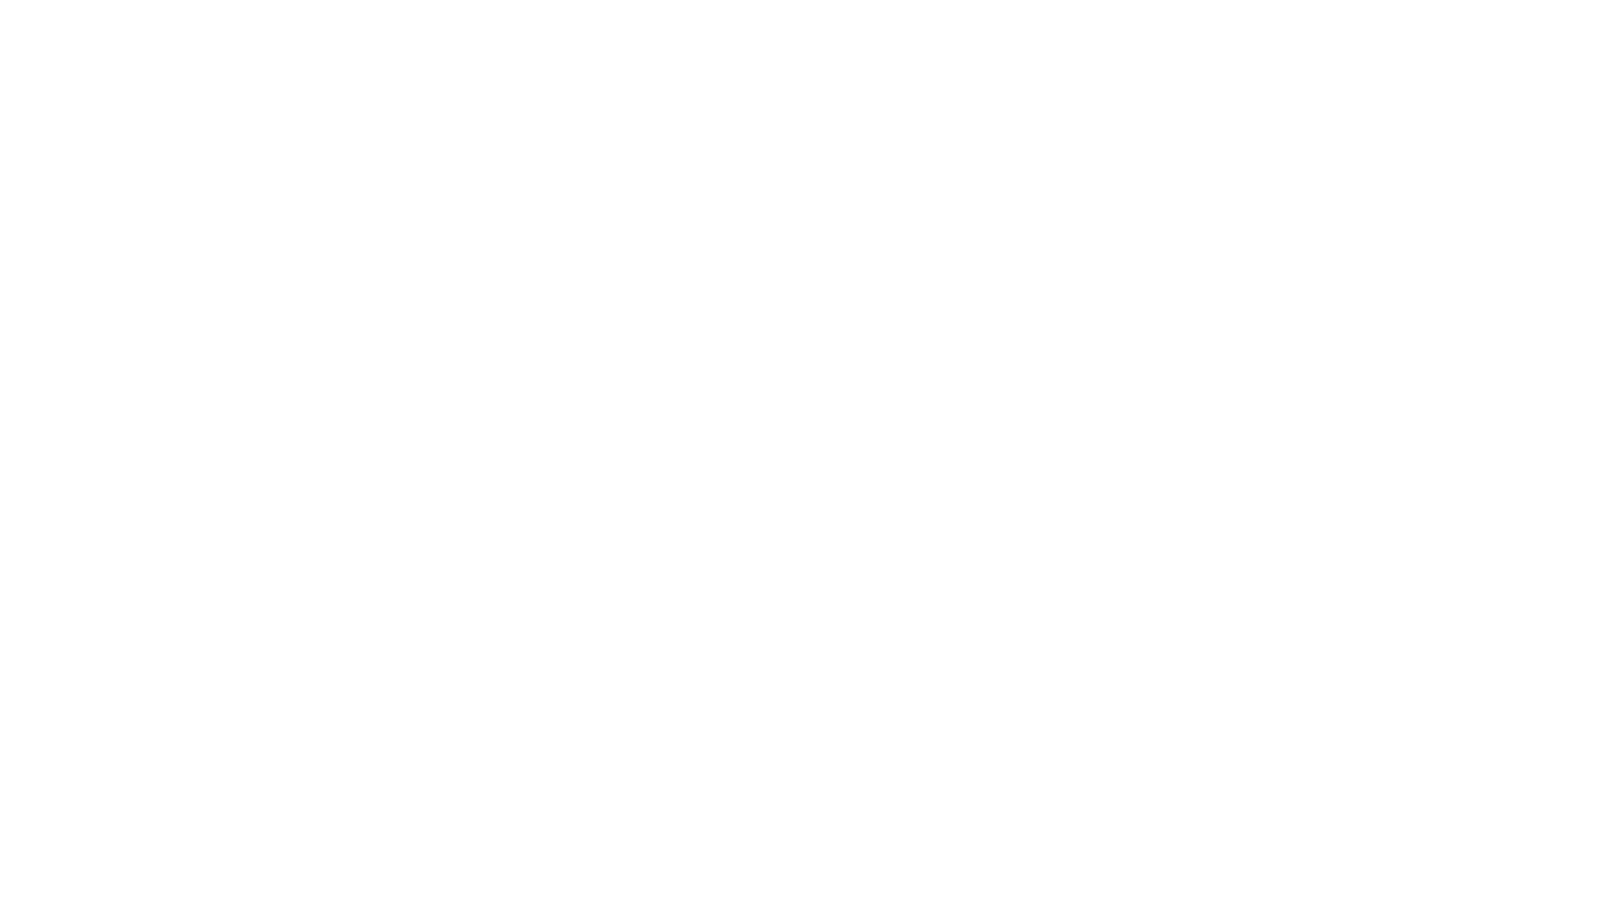 """Human back on stage ! Website : https://www.humanband.fr/ Contact/booking : humanbandfr@gmail.com https://www.facebook.com/humanbandfr/ Extrait du concert du 24 juillet 2021 à Rouen """"Le 3 Pièces Muzik'Club"""" Captation réalisée par Seb Petit"""